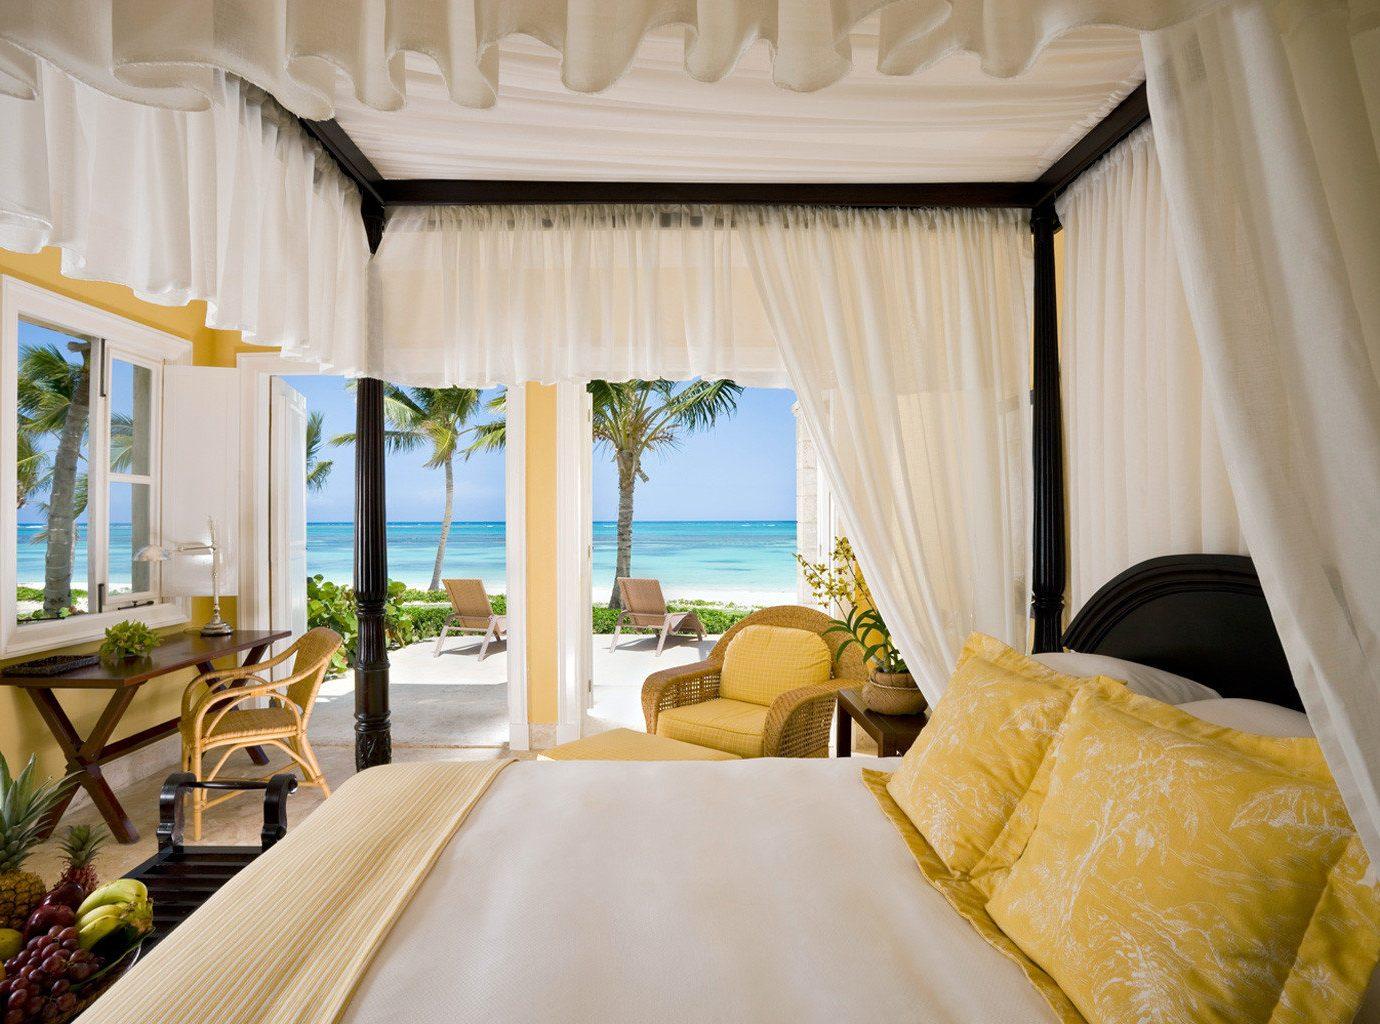 Breezy Bedroom In Punta Cana - Tortuga Bay Hotel